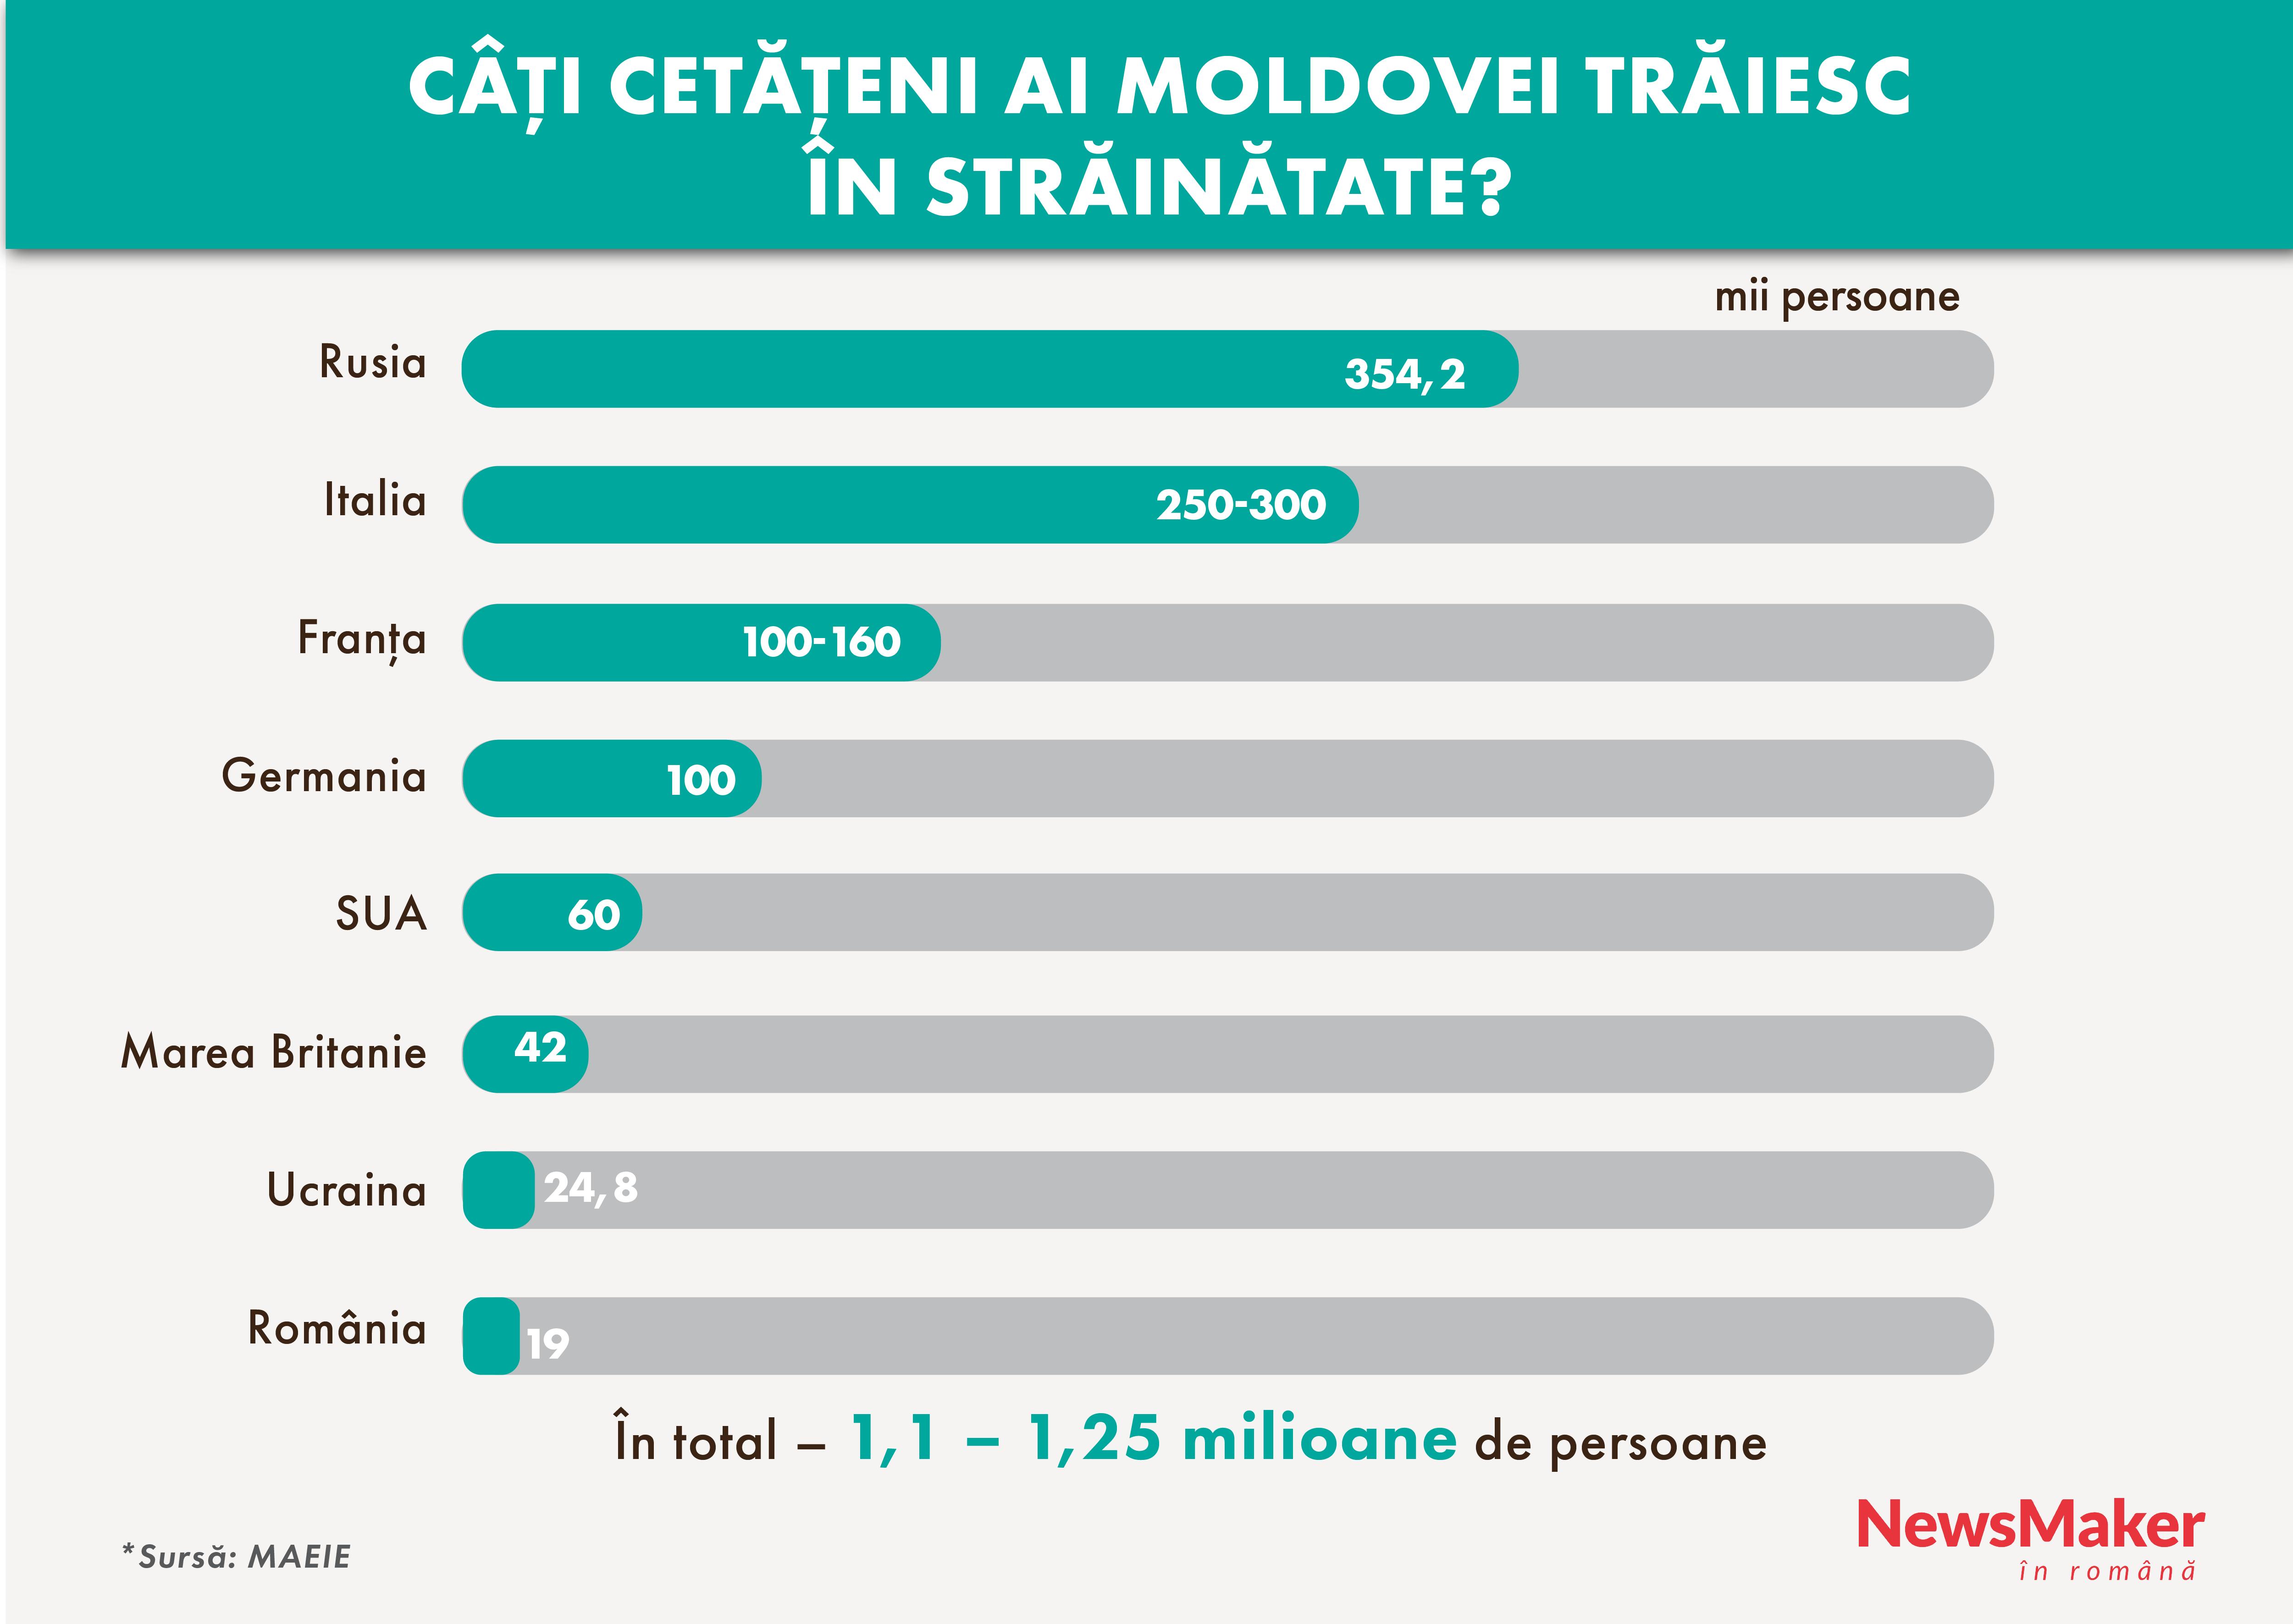 Câți cetățeni ai Moldovei sunt în străinătate? Diaspora moldovenească în UE, Rusia și în lumea întreagă